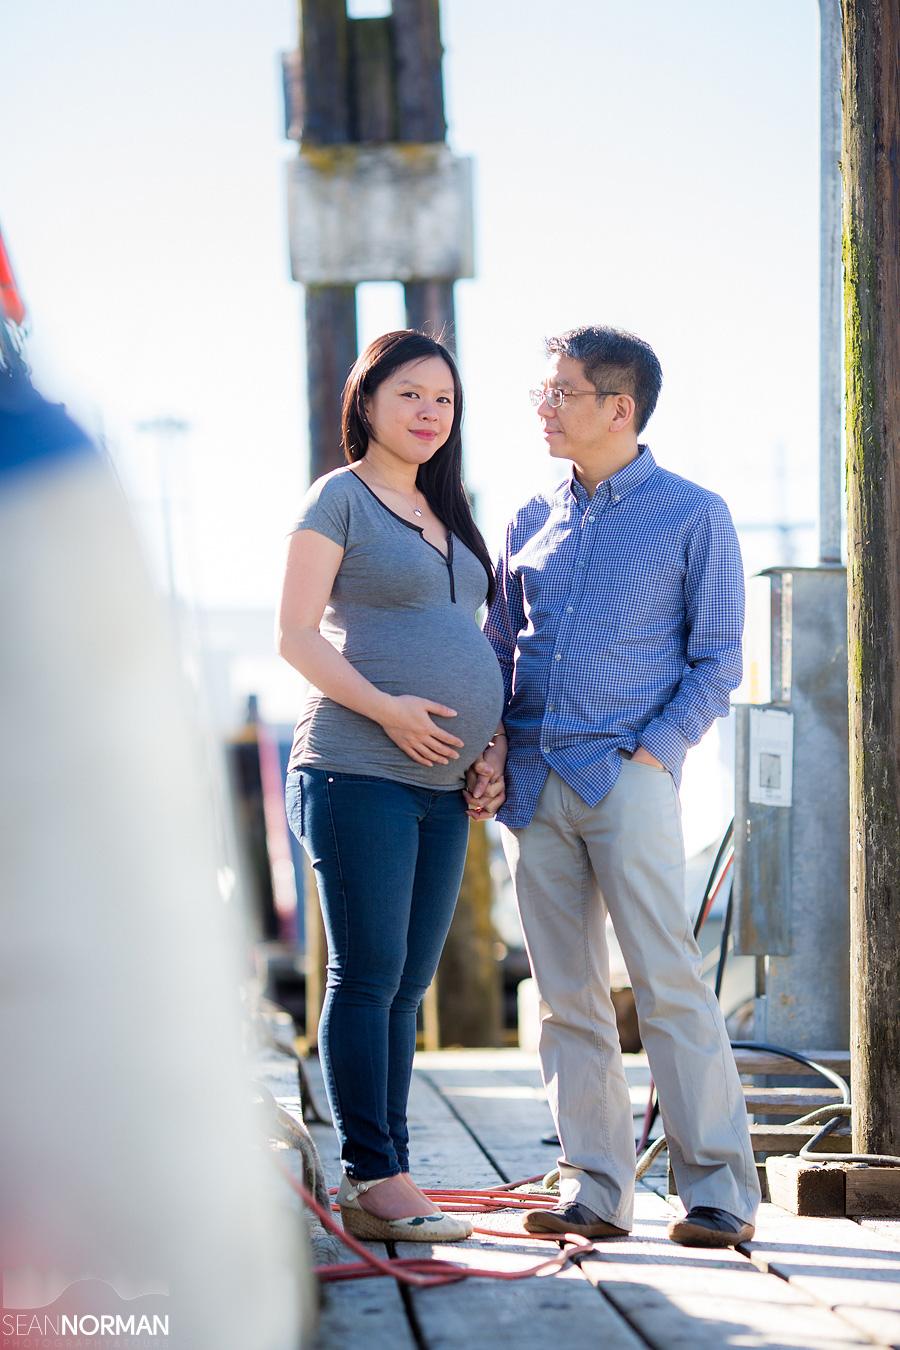 Jenn & Jeff - Steveston Maternity Images - 11.jpg